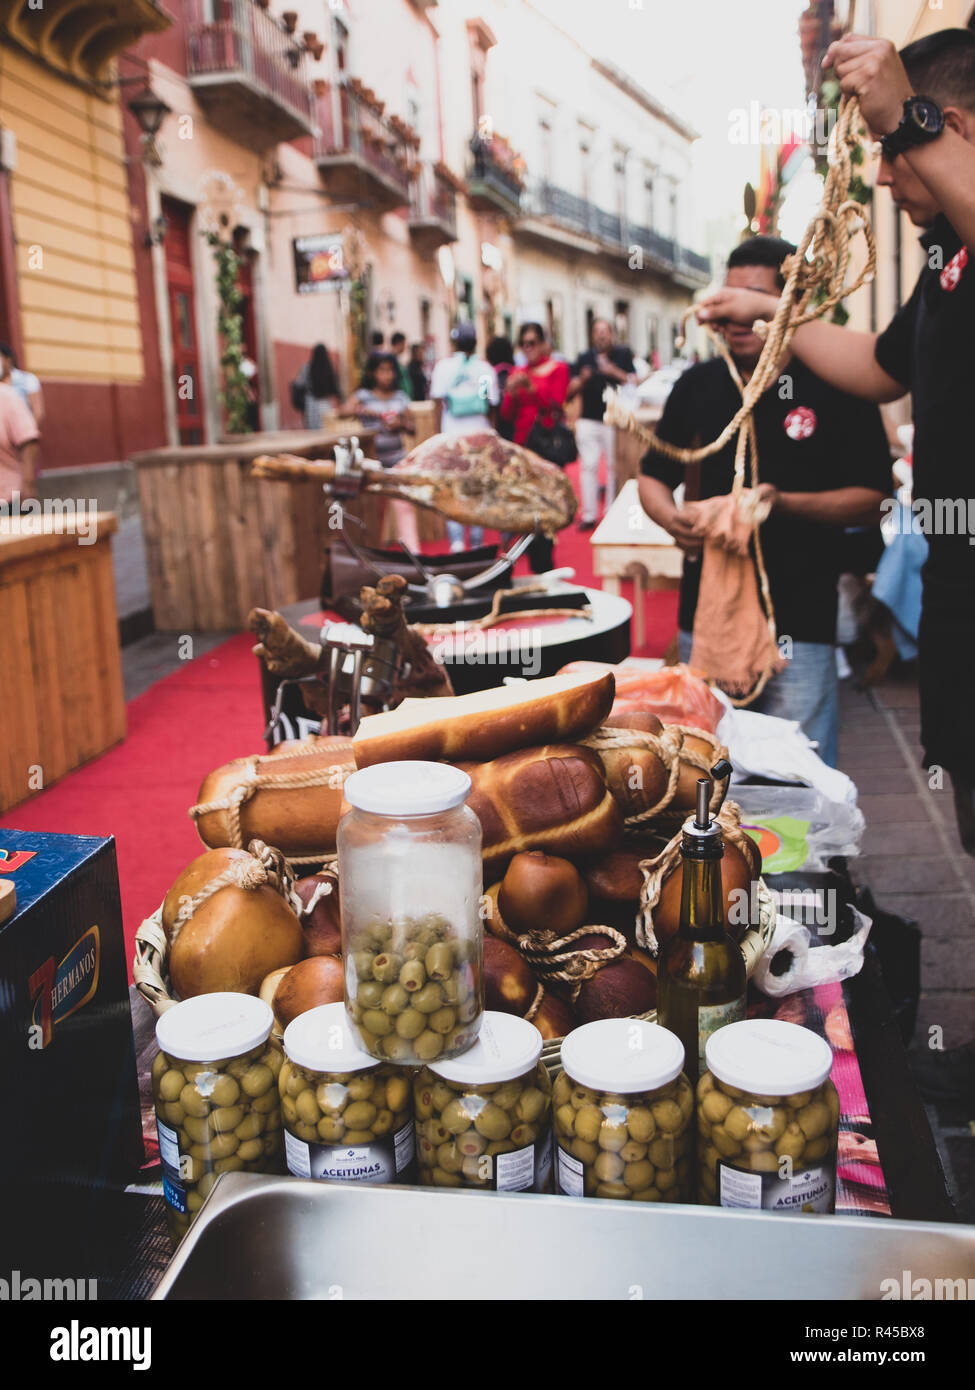 Reunión De Catando Vinos Mexicanos México En Guanajuato Ofreciendo Productos Artesanales De Todo El País Tales Como Vino Queso Pan Jamón Y Mucho Más Fotografía De Stock Alamy